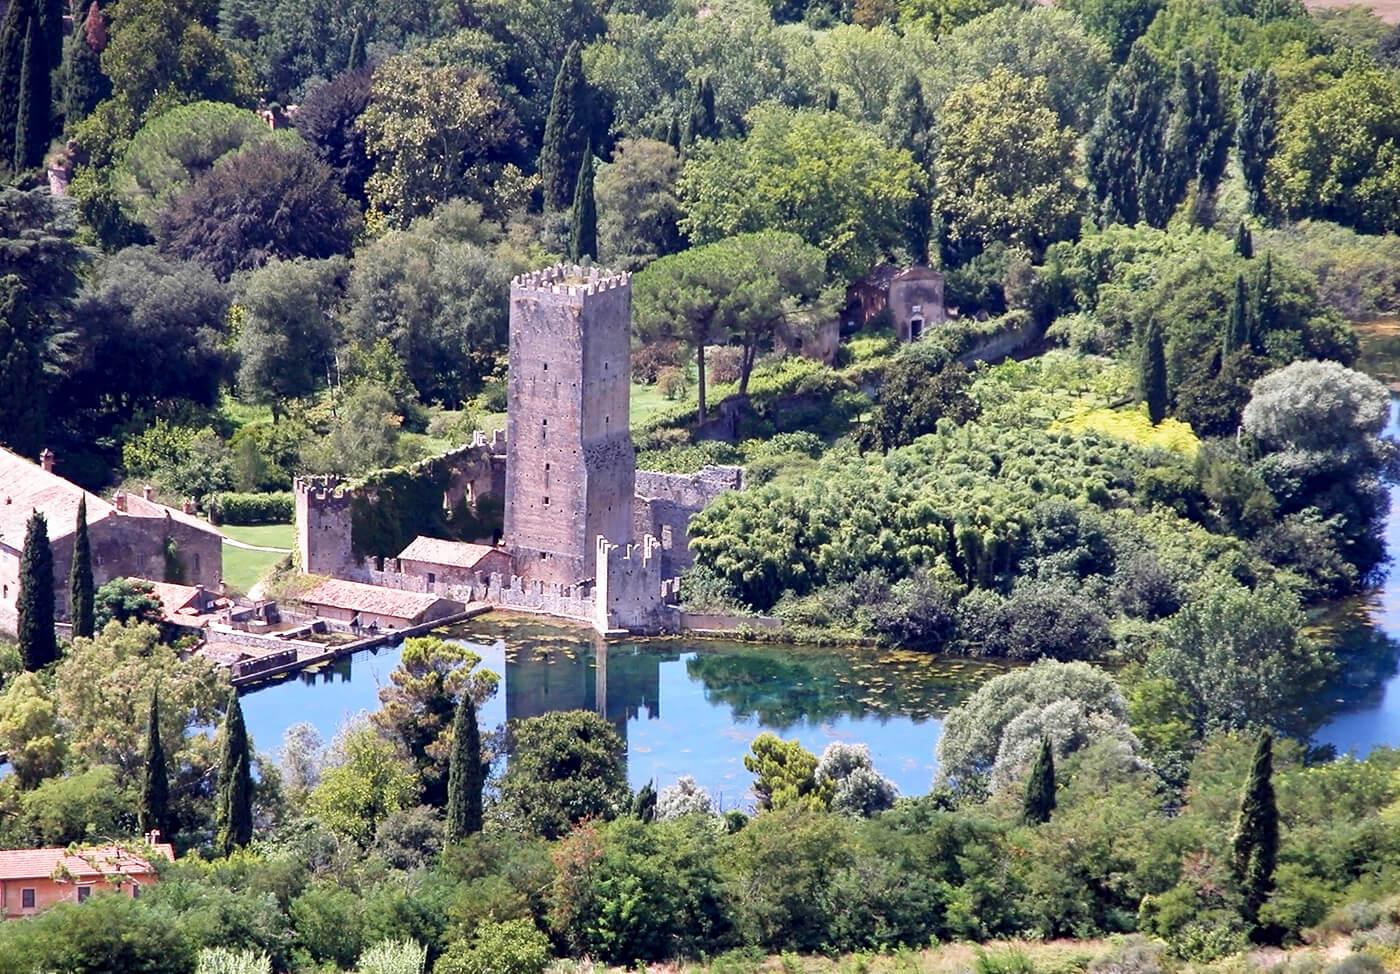 Giardini-di-Ninfa-Italia-5